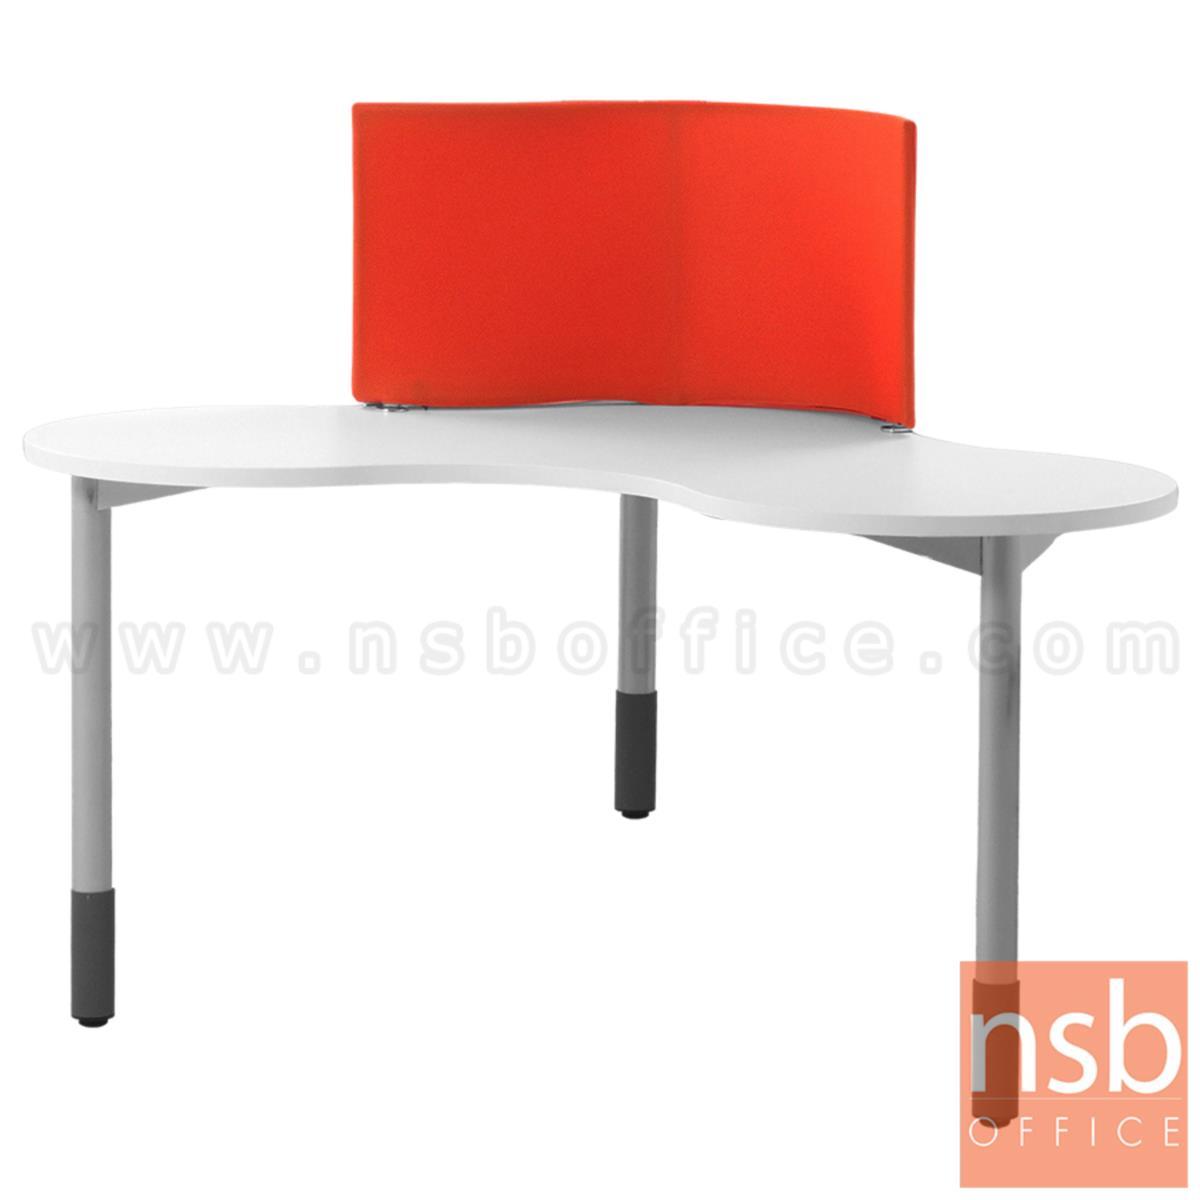 A10A056:โต๊ะทำงานทรงสามเหลี่ยม ขนาด 150W*115H cm. รุ่น DO-I250   ขาเหล็กกลมพ่นสี